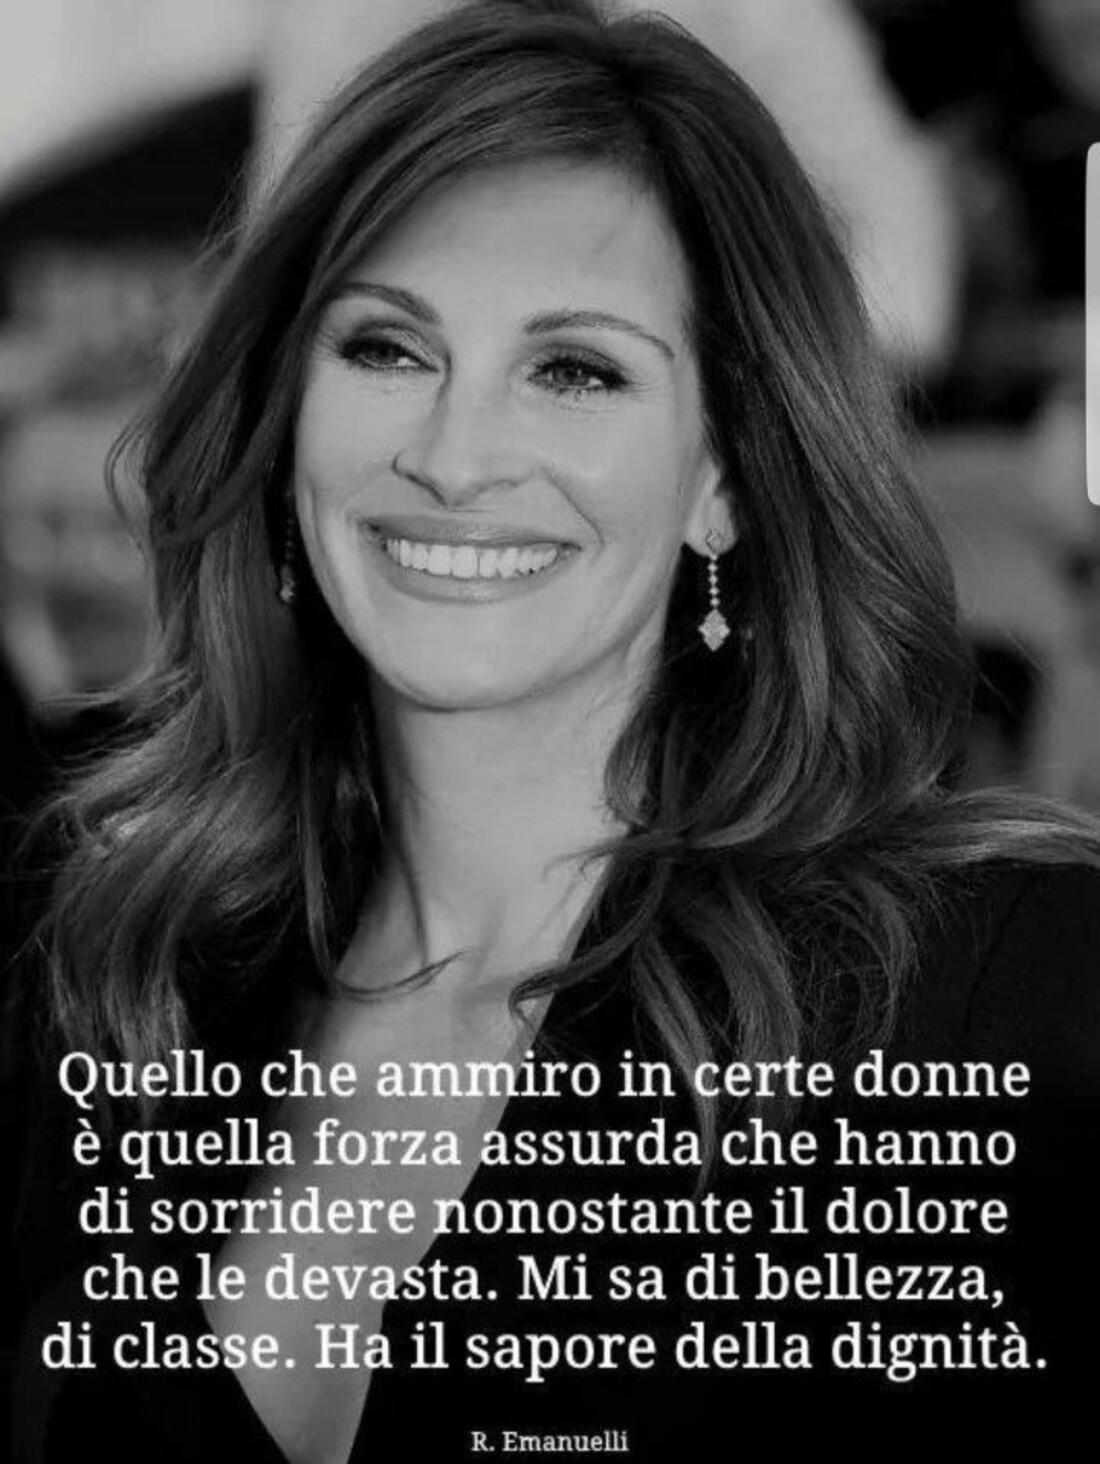 Quello che ammiro in certe donne è quella forza assurda che hanno di sorridere nonostante il dolore che le devasta. Mi sa di bellezza, di classe. Ha il sapore della dignità.